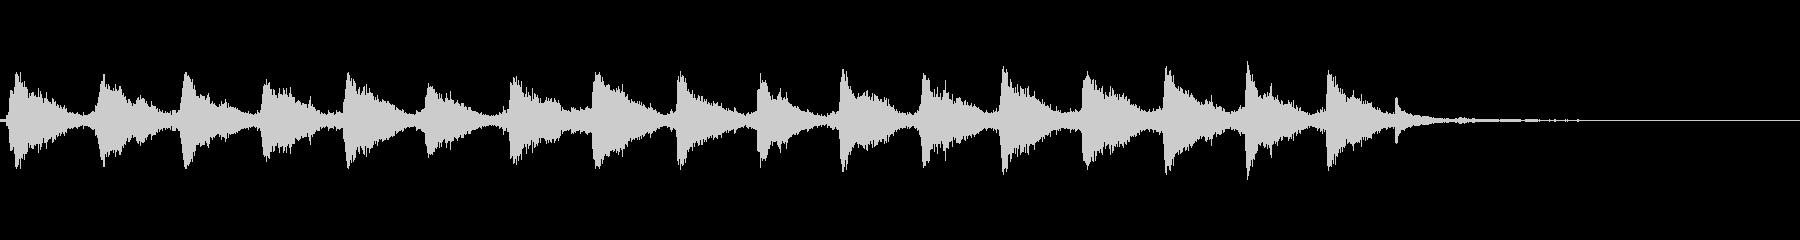 スローシェイク、パーカッションベル...の未再生の波形